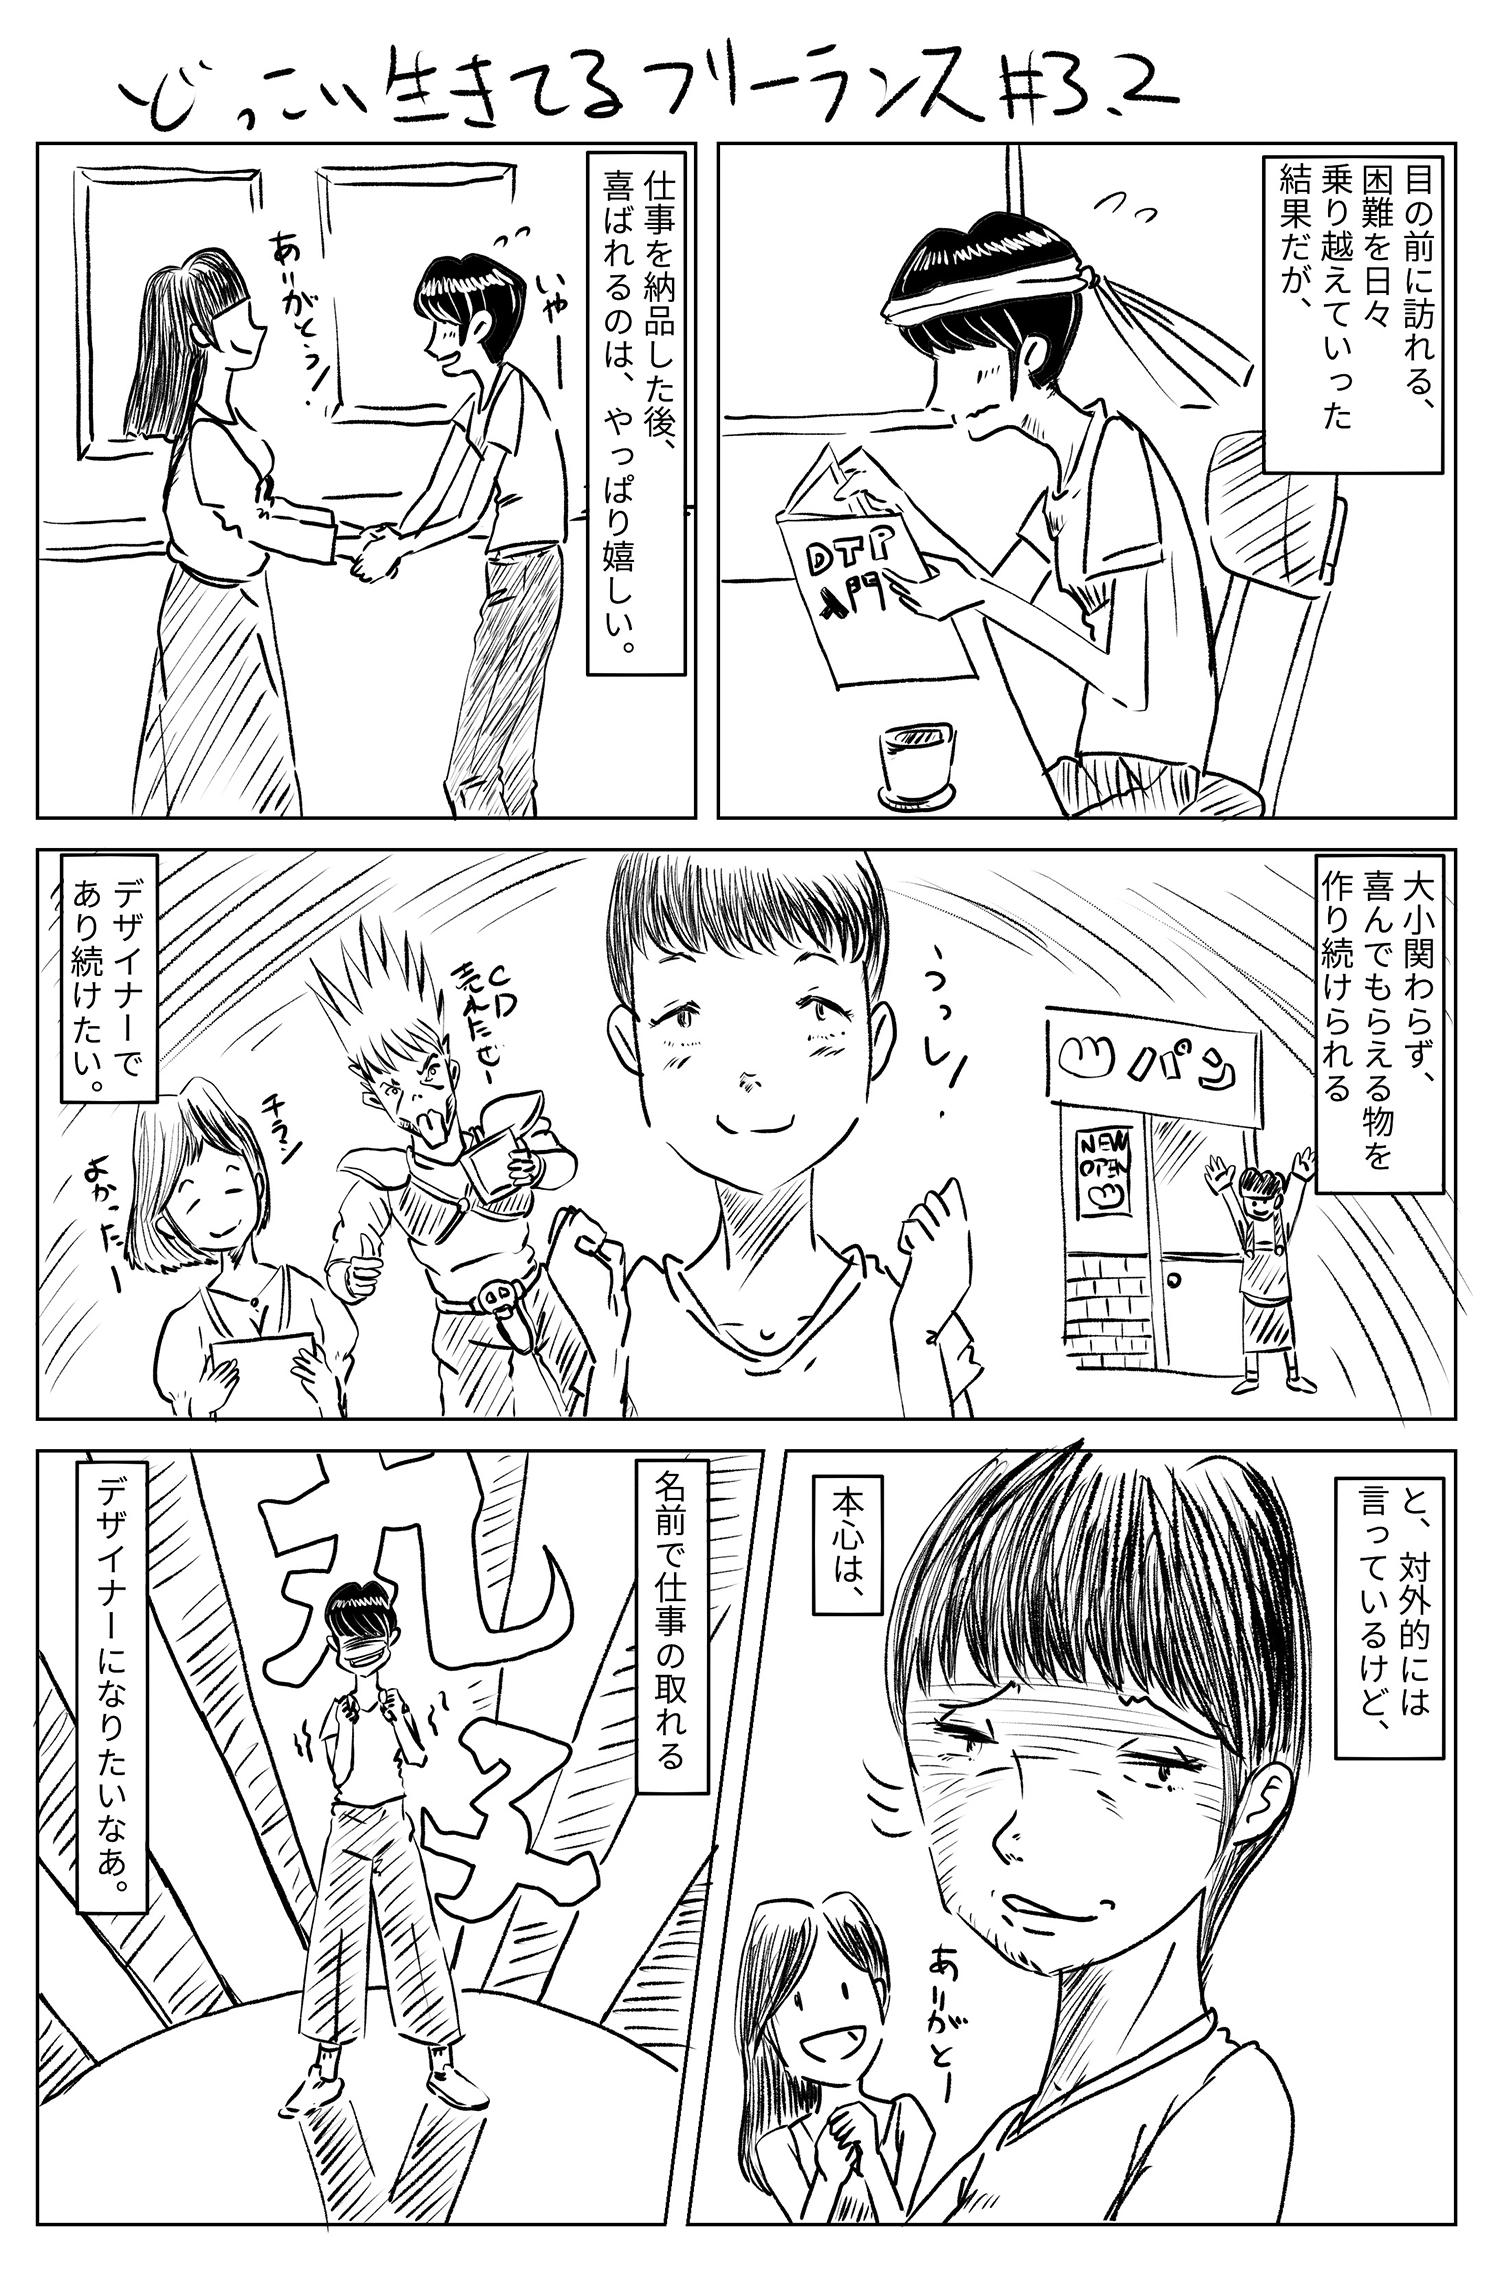 どっこい生きてるフリーランス・その3 将来の展望とか(愚痴漫画)